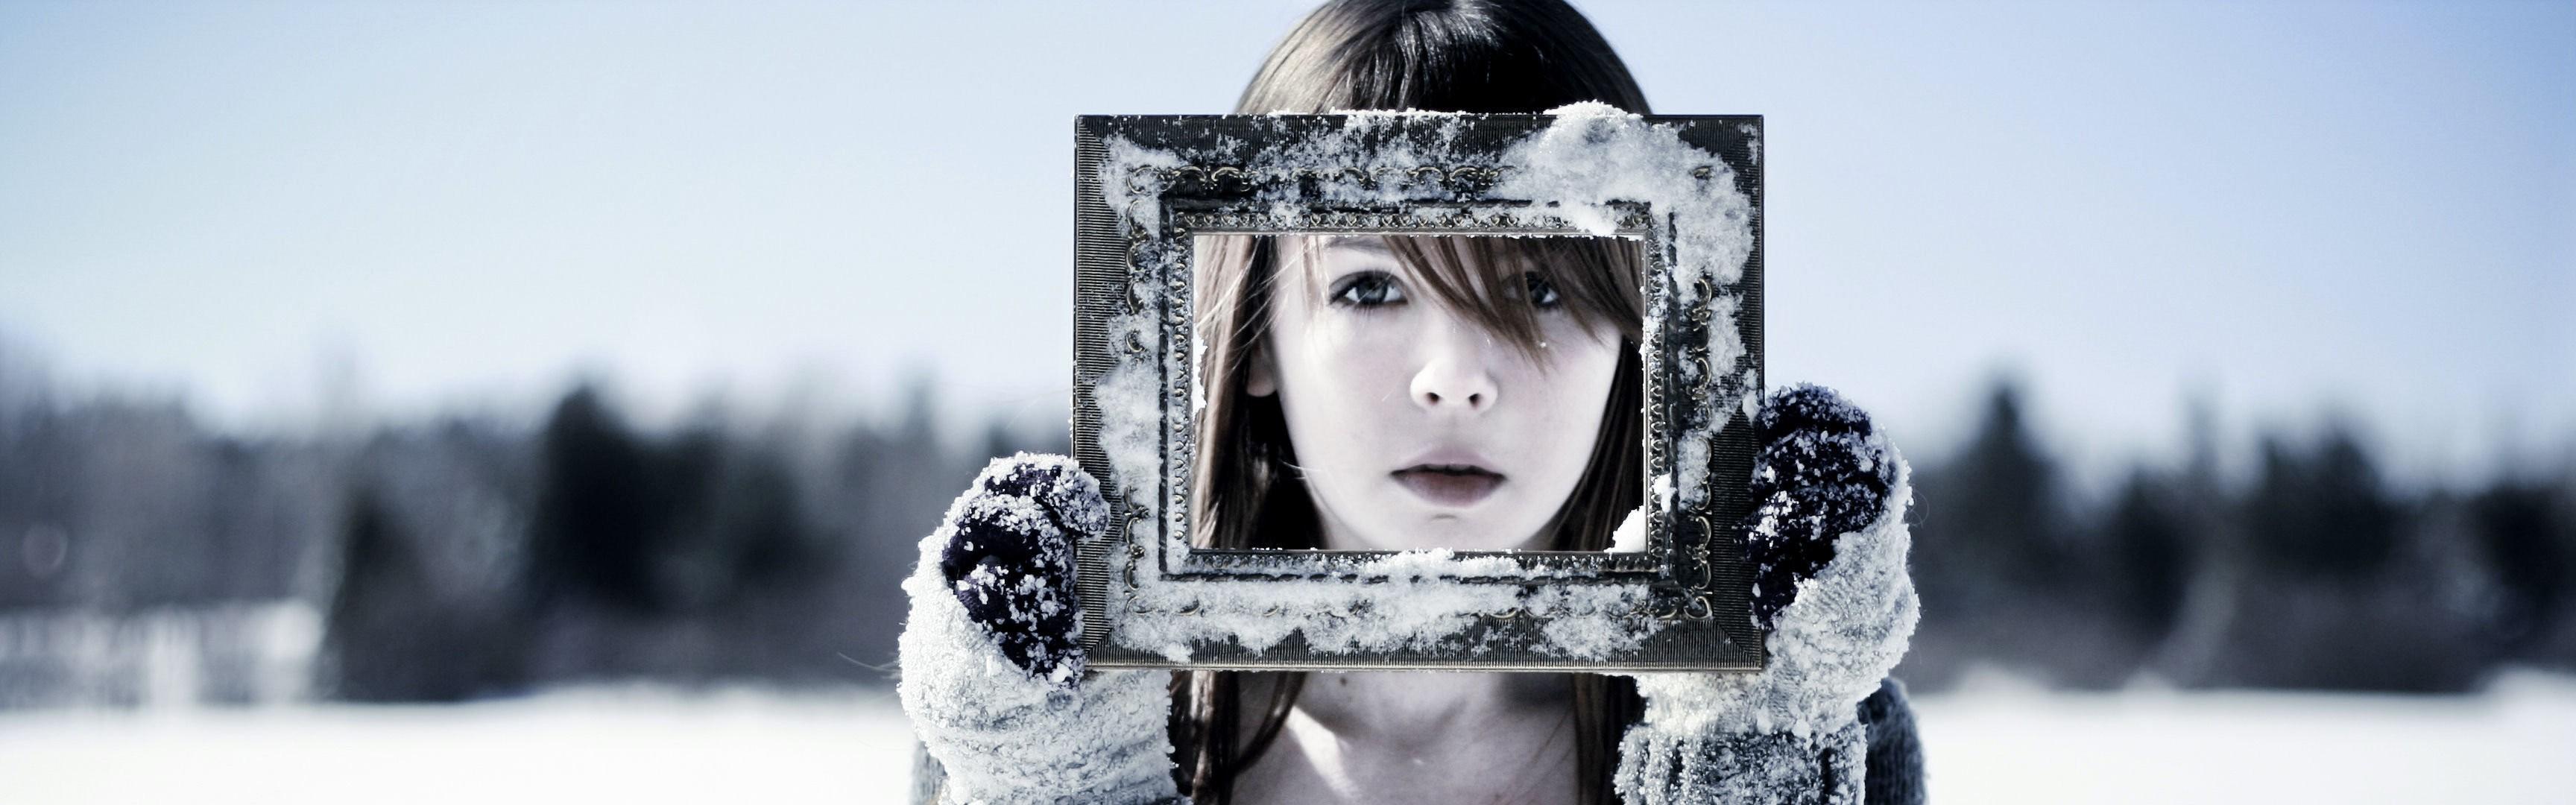 Fondos de pantalla : mujer, modelo, nieve, invierno, fotografía ...